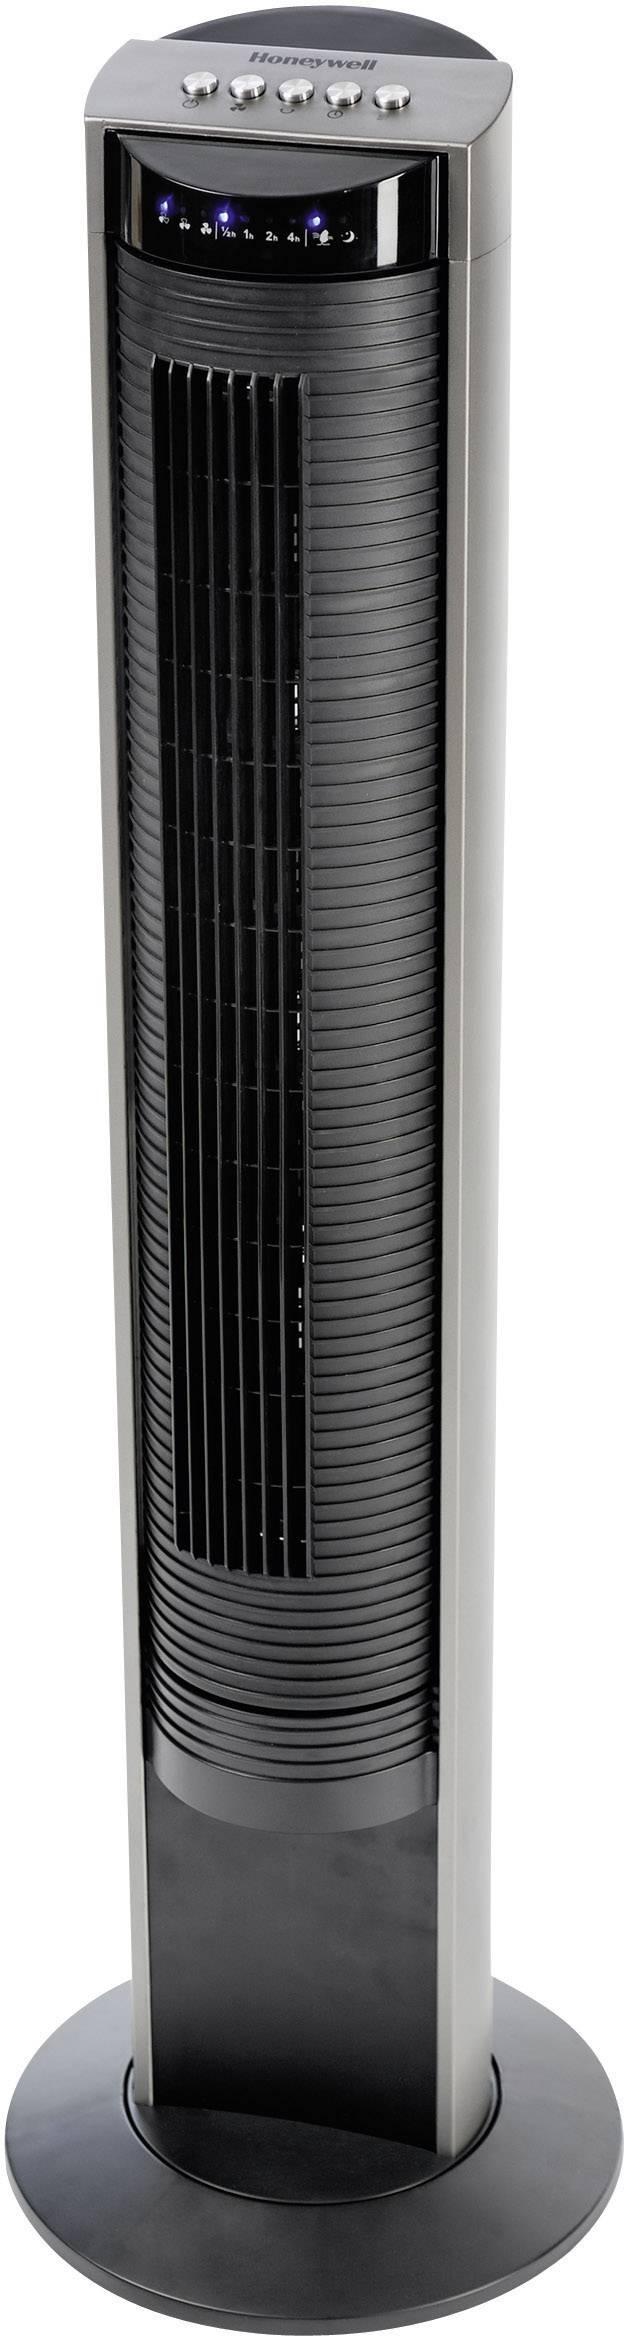 Vežový ventilátor Honeywell HO-5500RE, 38 W, Ø 30.5 cm, 103.5 cm, čierna, sivá